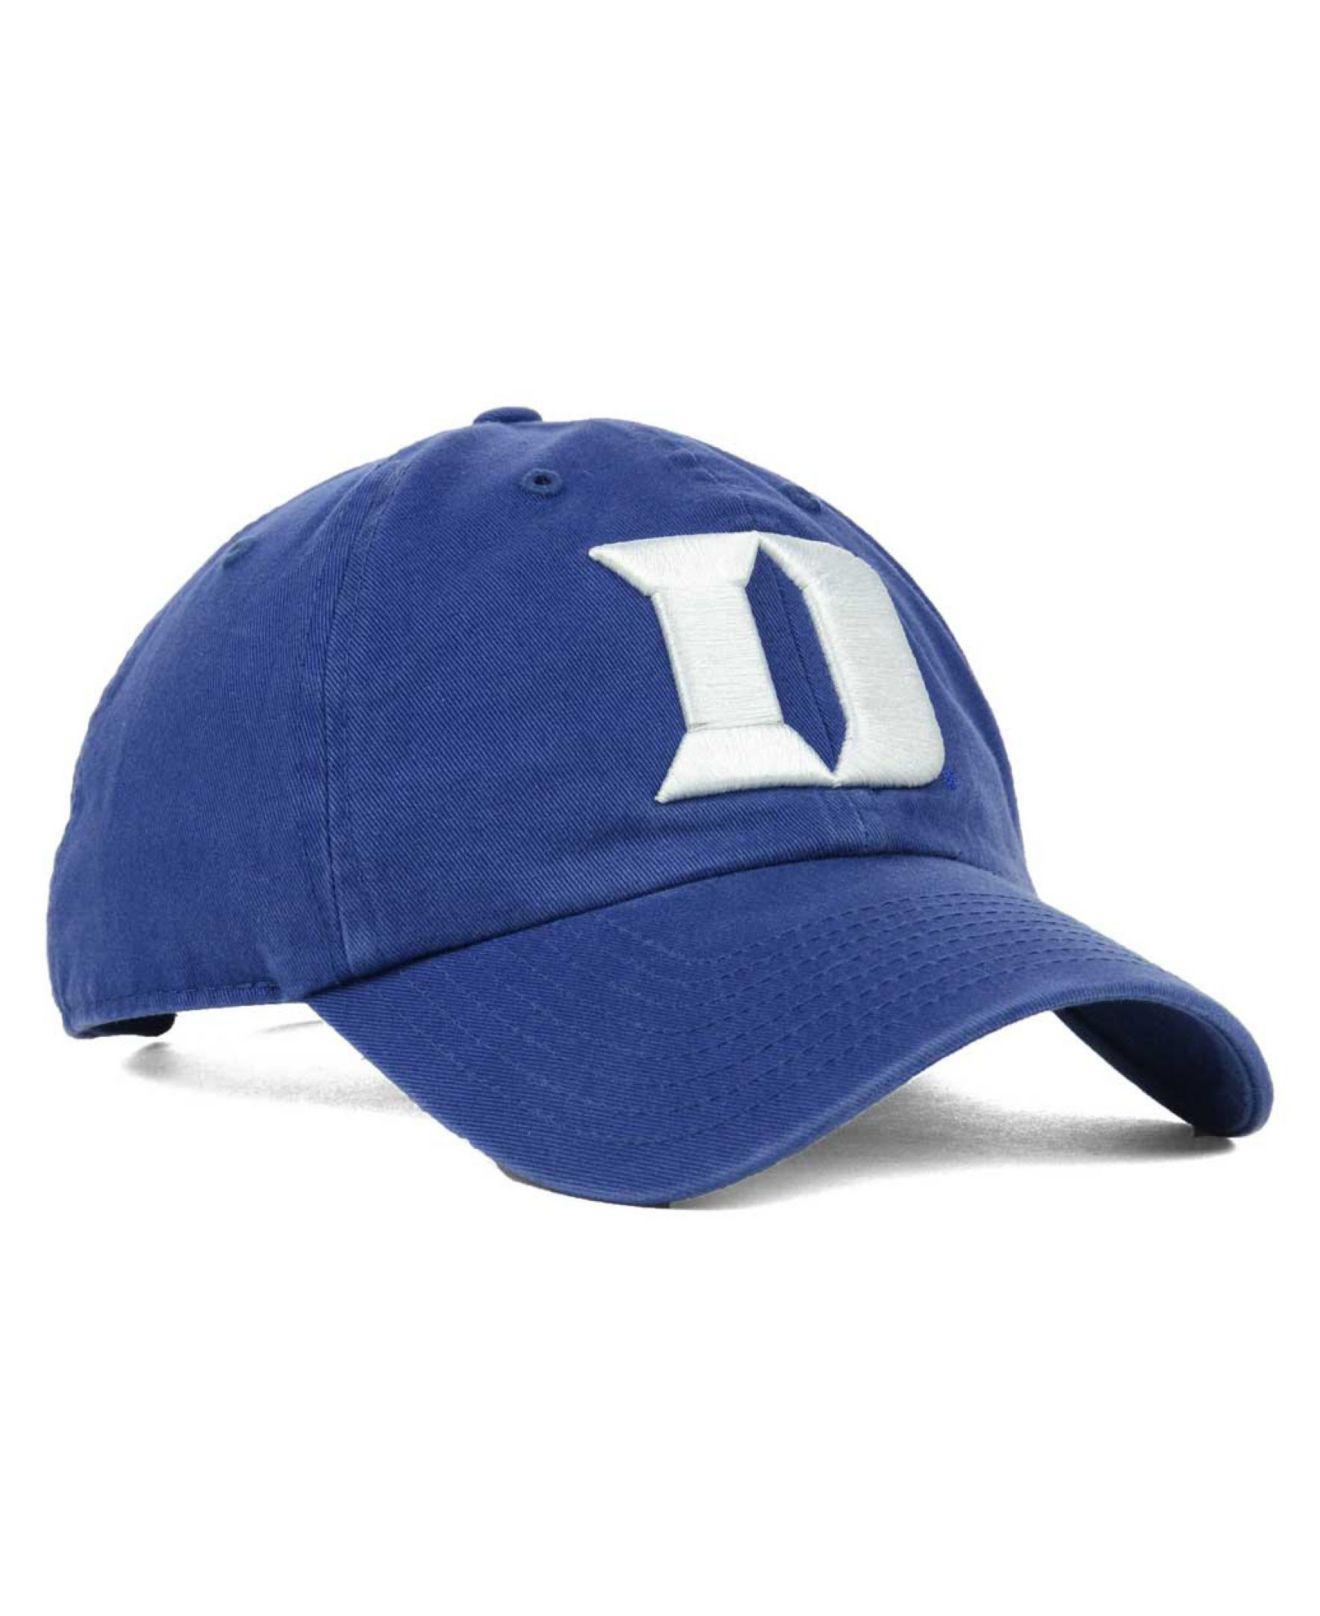 huge discount 3efe2 566cf ... france lyst 47 brand duke blue devils clean up cap in blue for men  6f9d5 94eb1